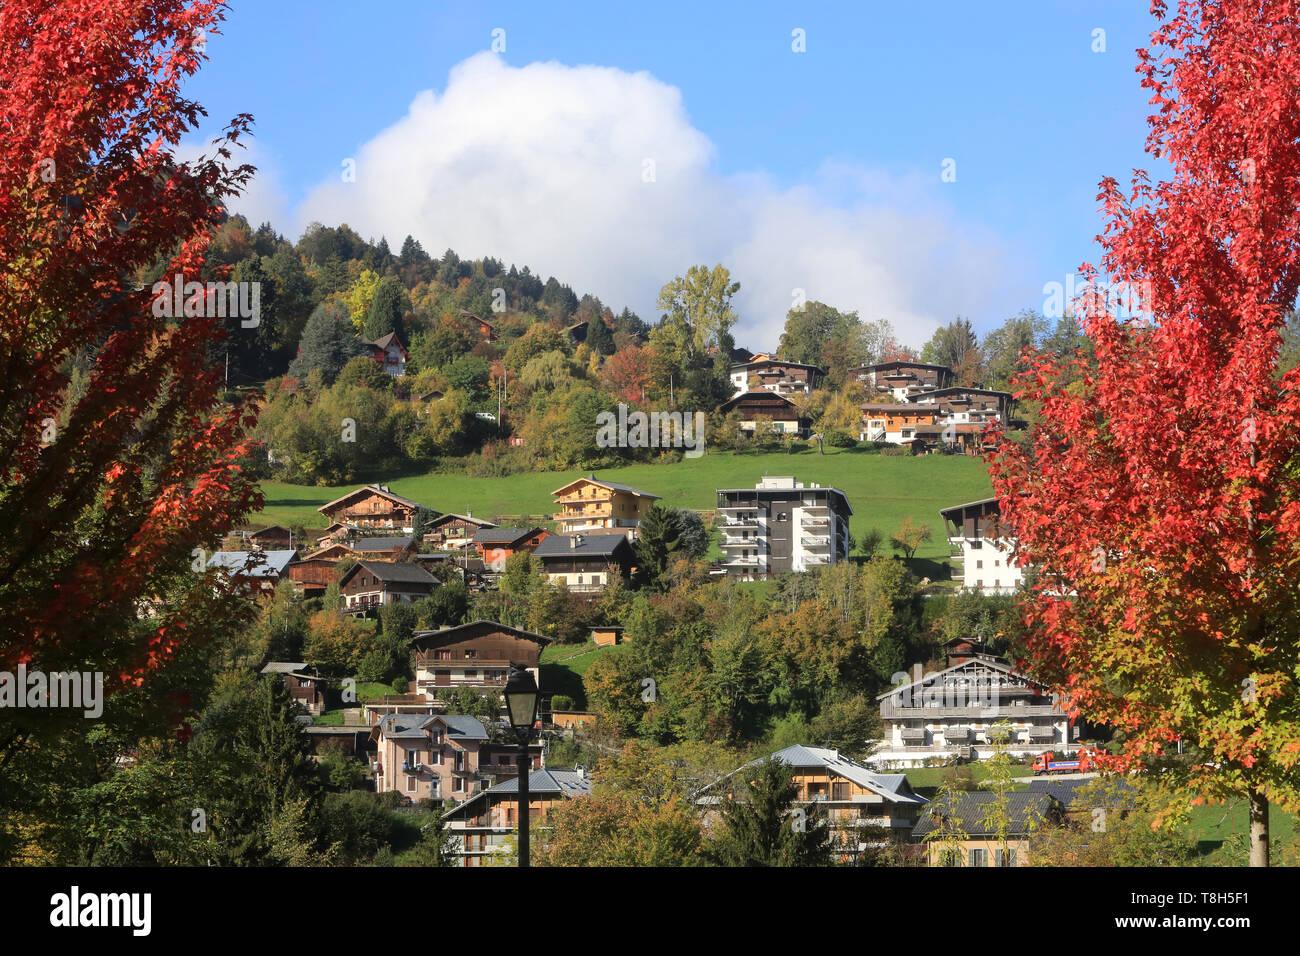 Village. Saint-Gervais-les-Bains. - Stock Image